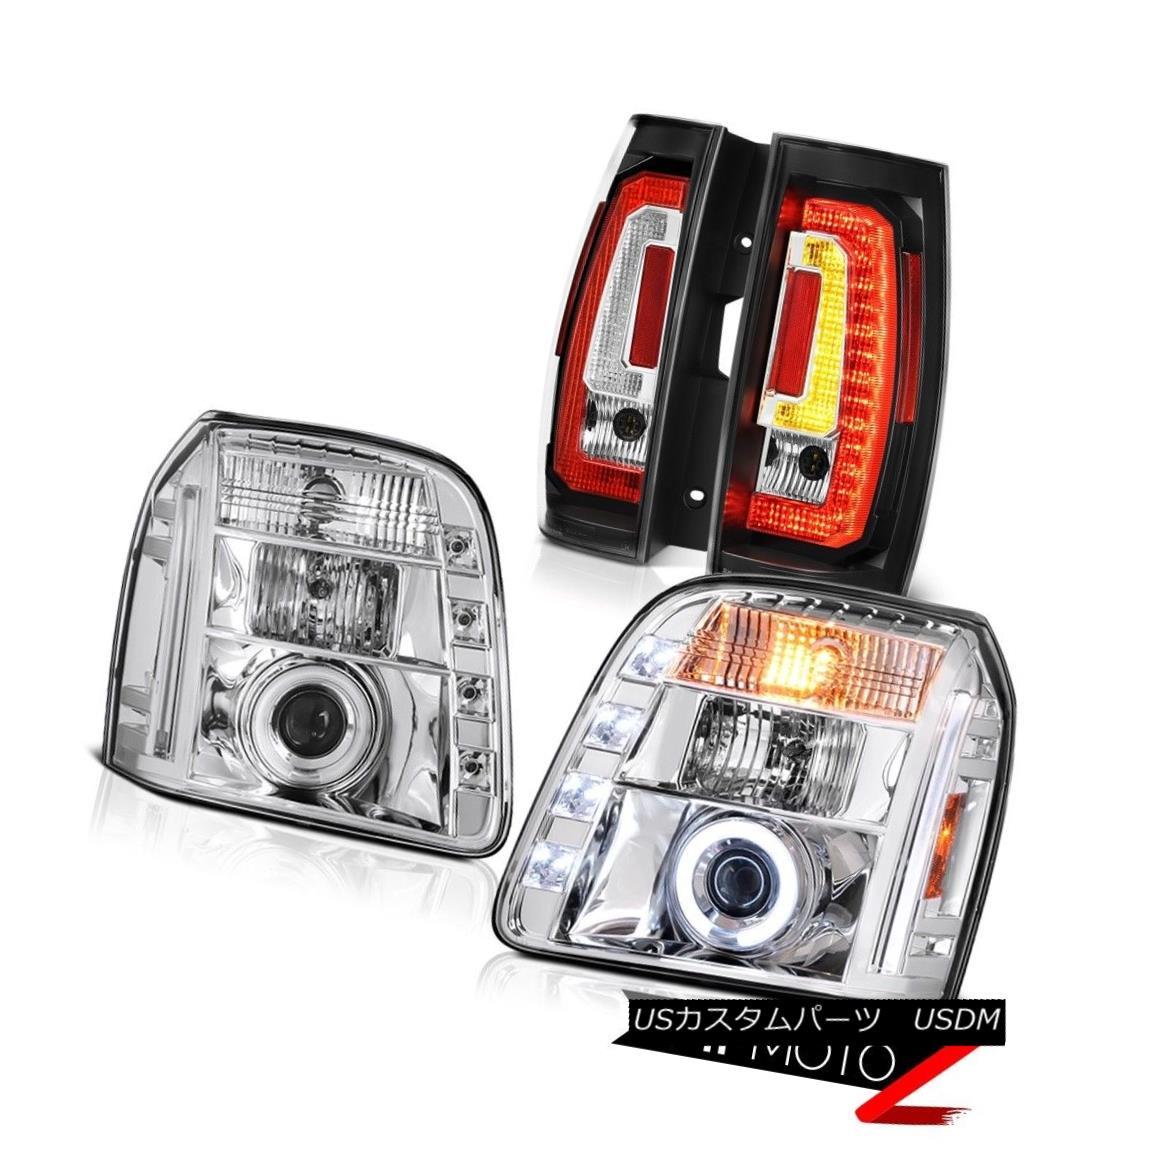 テールライト 2007-2014 Gmc Yukon Xl Nighthawk Black Rear Euro Chrome Custom Head Lamps Pair 2007-2014 GmcユーコンXlナイトホークブラックリアユーロクロームカスタムヘッドランプペア画像